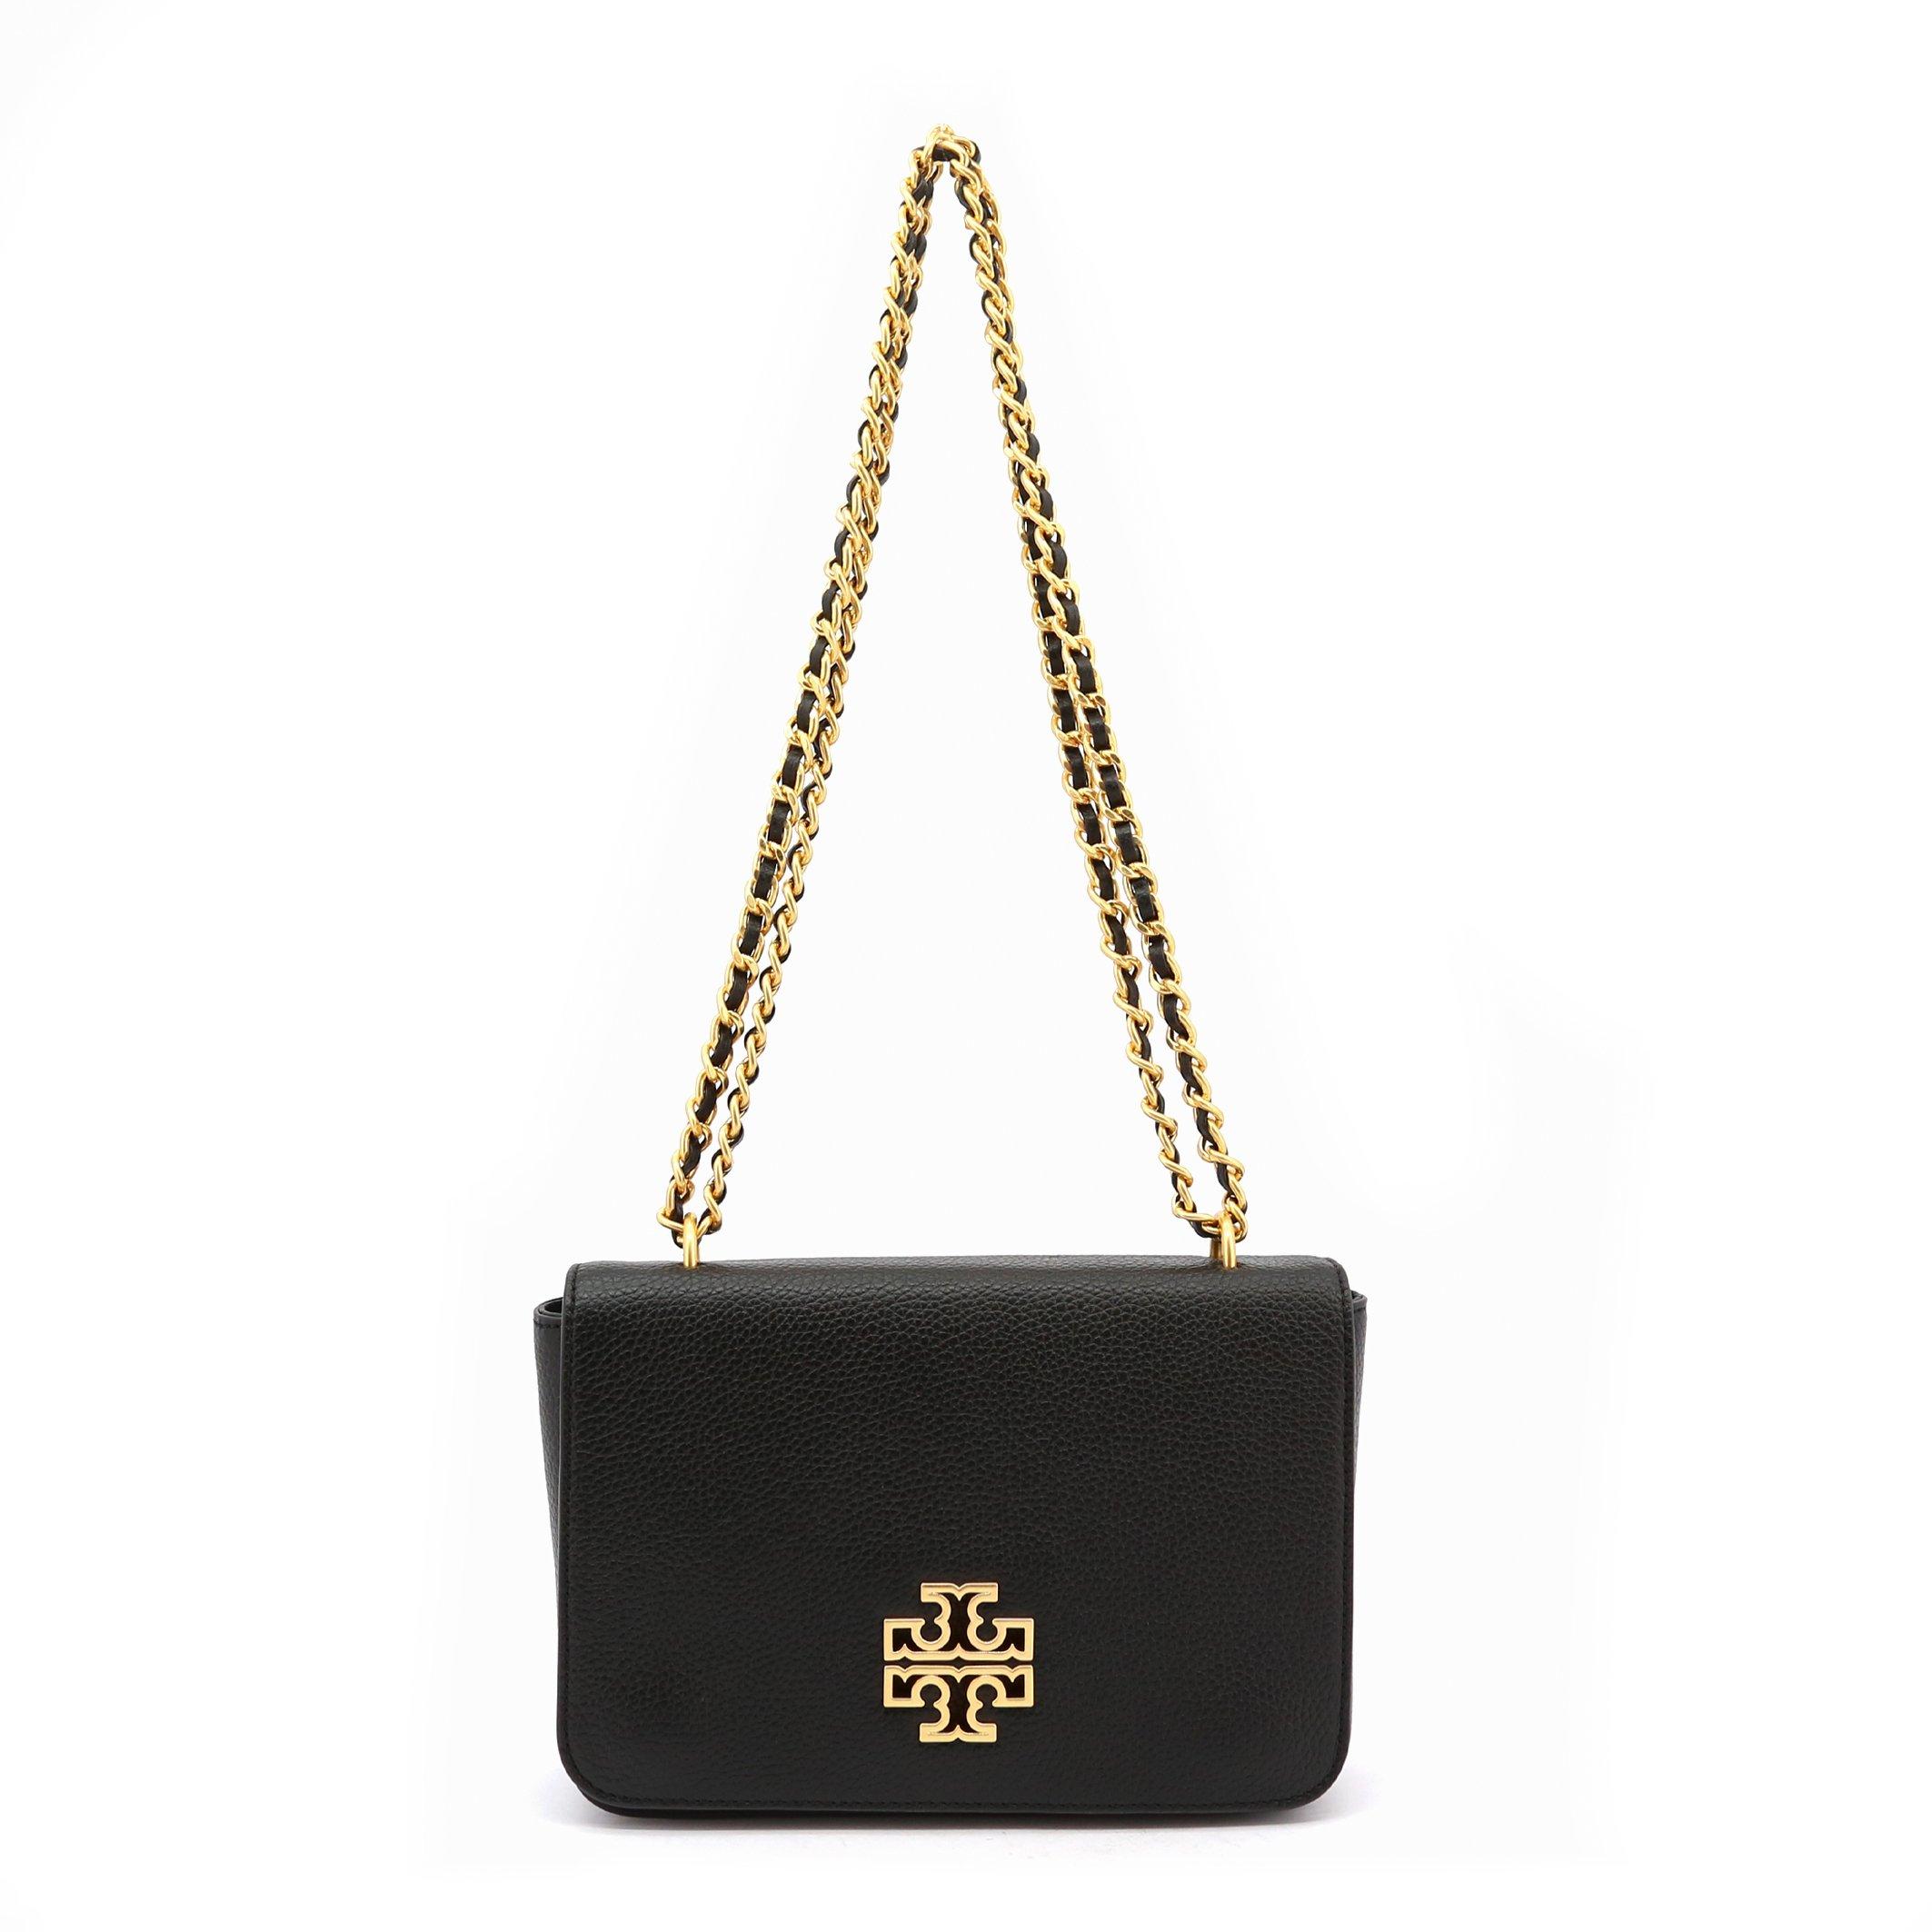 Tory Burch Women's Shoulder Bag Various Colours 67292 - black NOSIZE